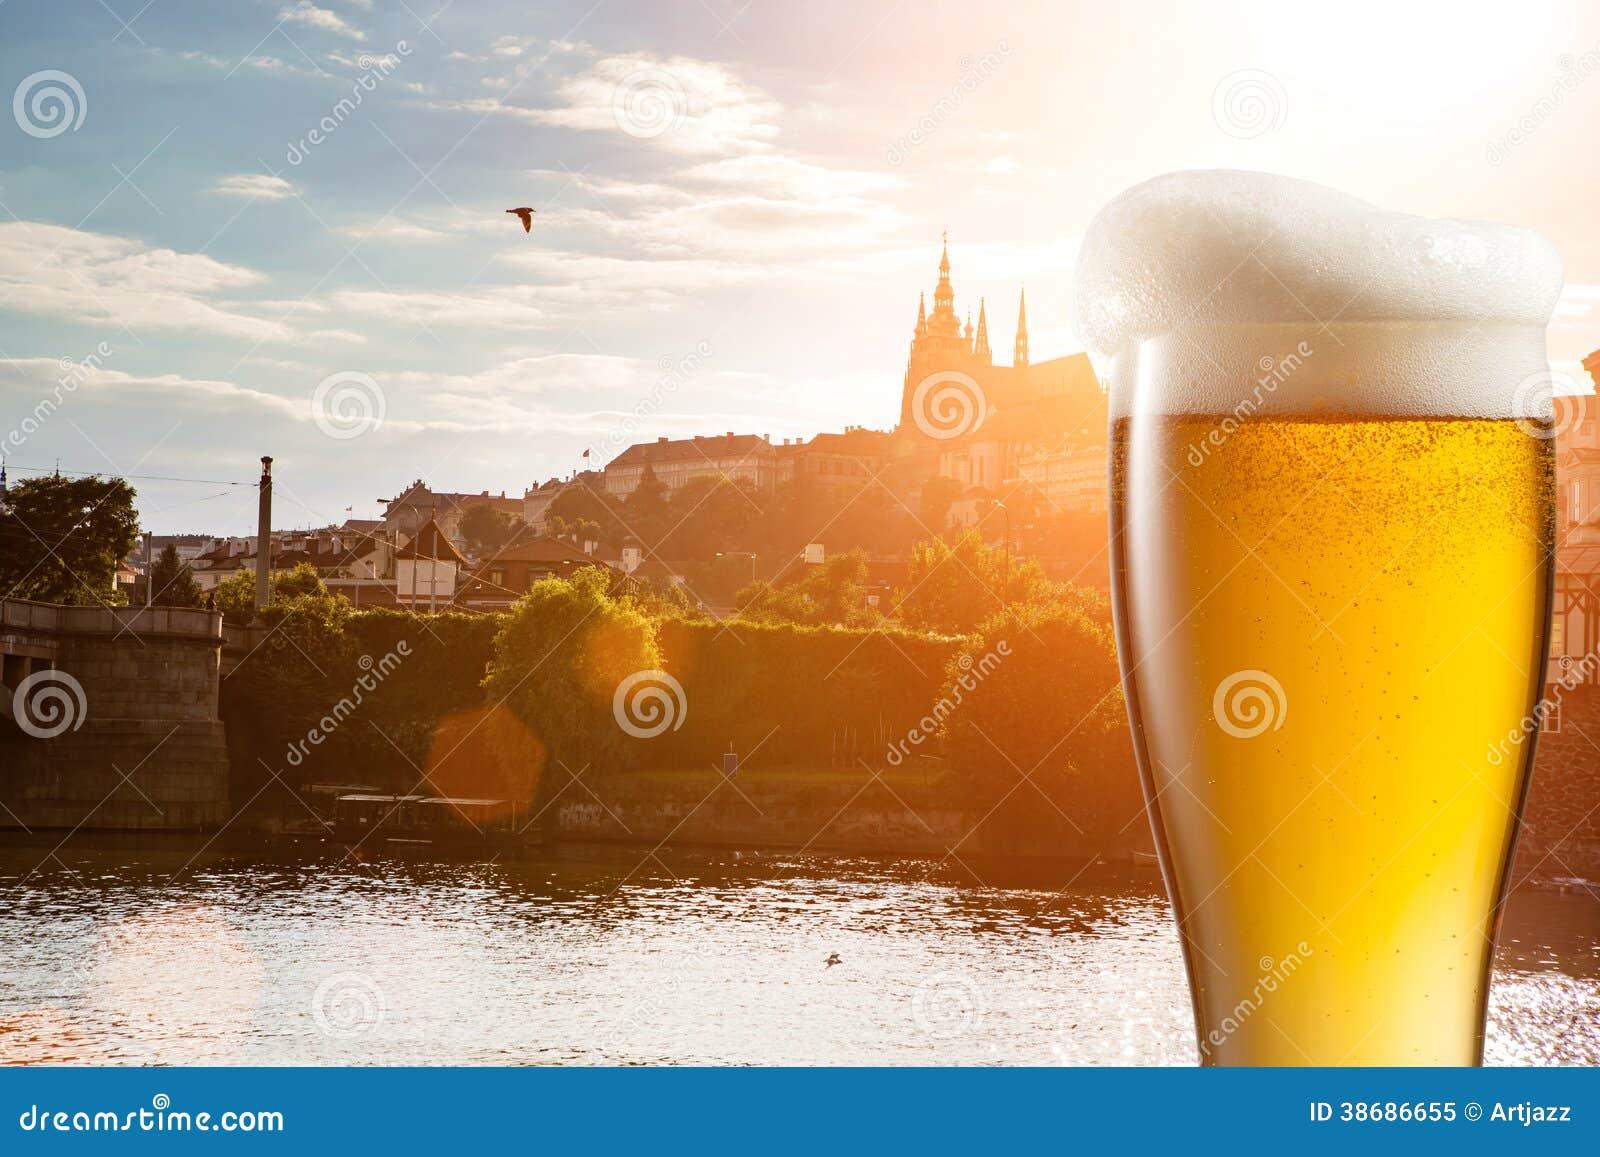 Vetro di birra contro la vista di praga fotografia stock libera da diritti immagine 38686655 - Bagno birra praga ...